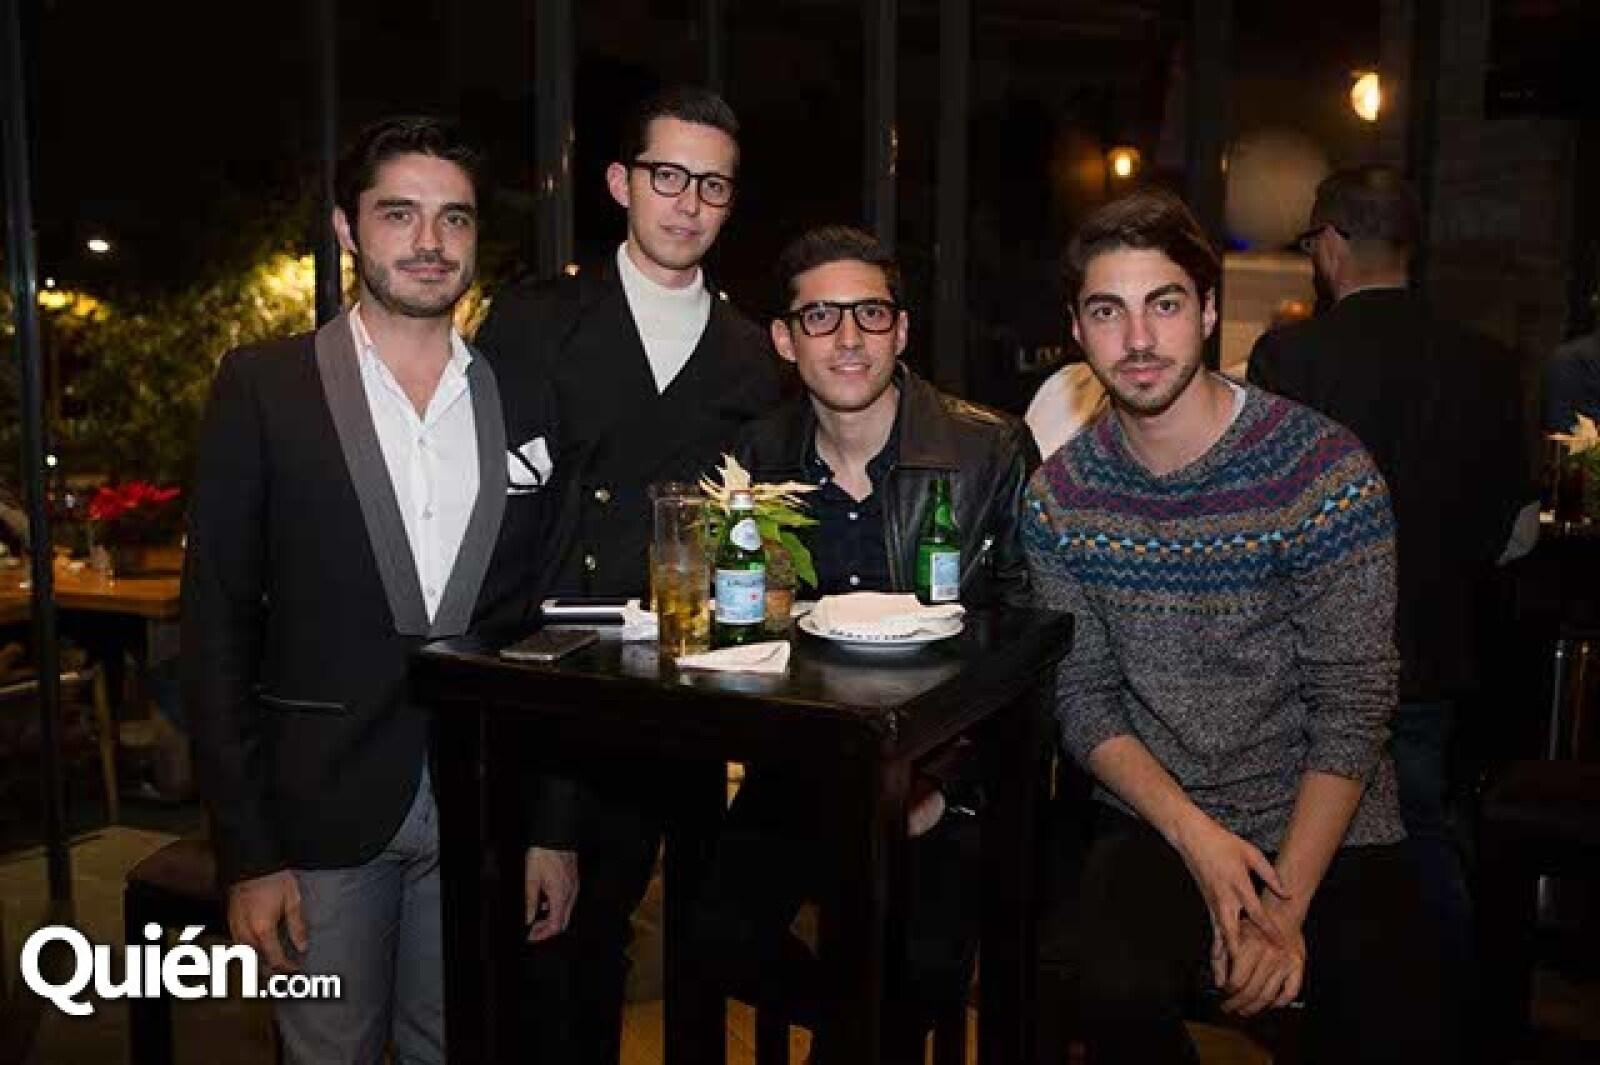 Diego Cantú,Juan de la Concha,Daniel Saldaña y Rubén Kuri